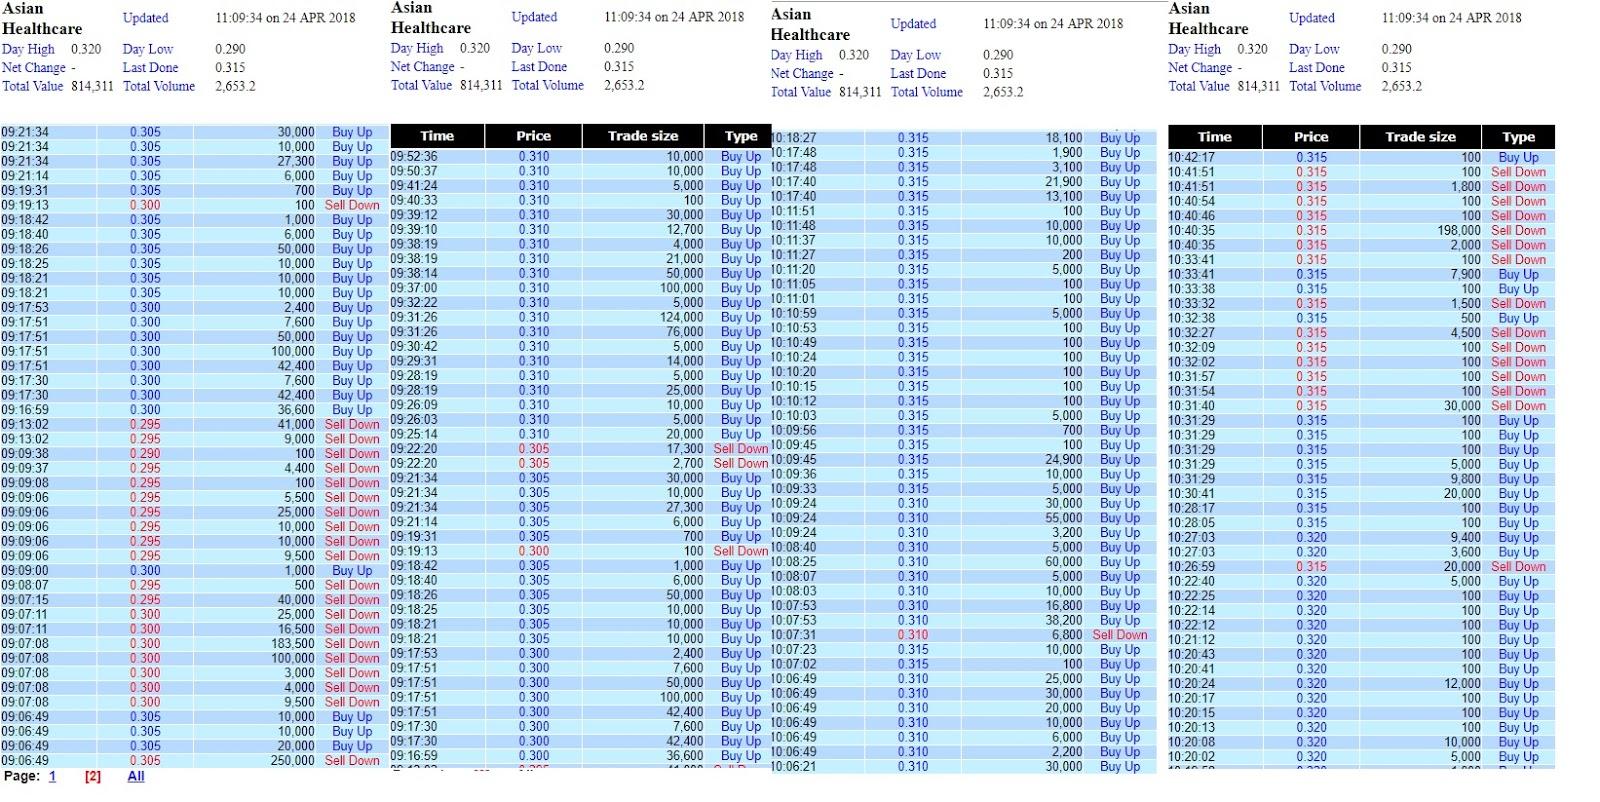 Stock Market bedst bevarede hemmeligheder asiatisk Healthcare - Minut-5322